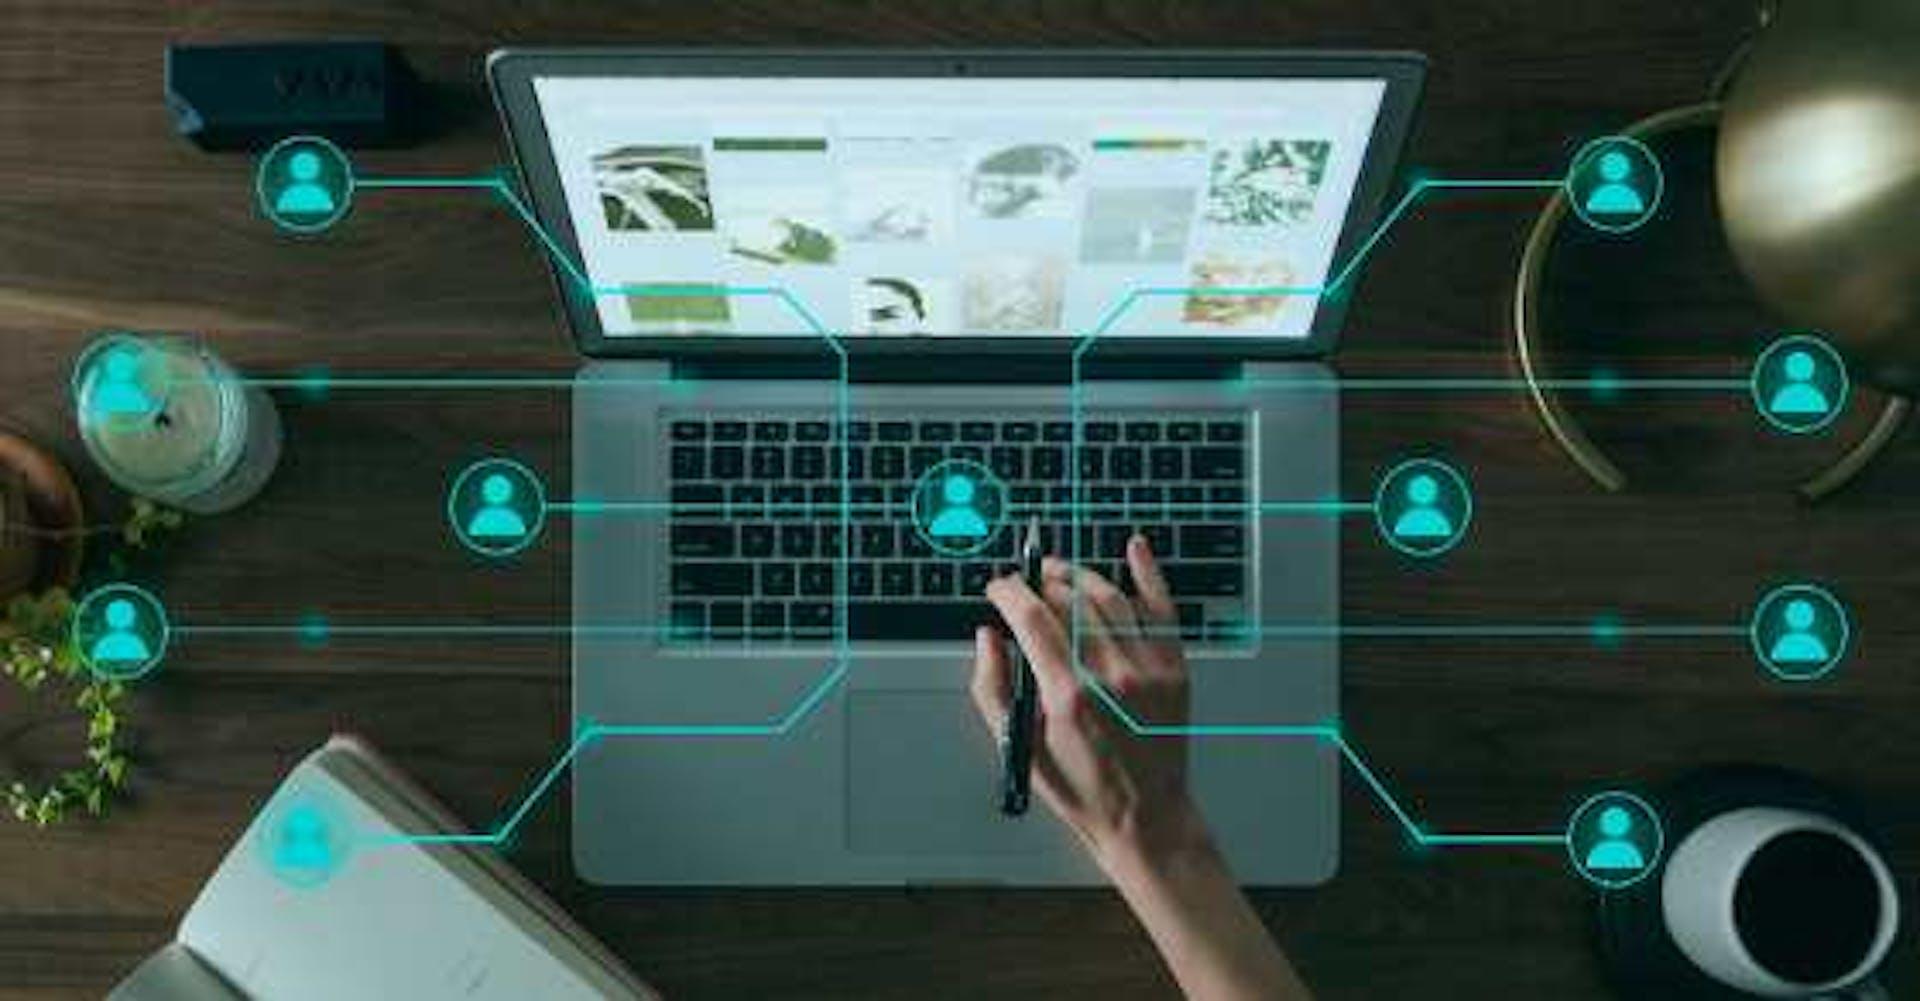 Marketing automation: ¿cómo ahorrar tiempo automatizando tareas?